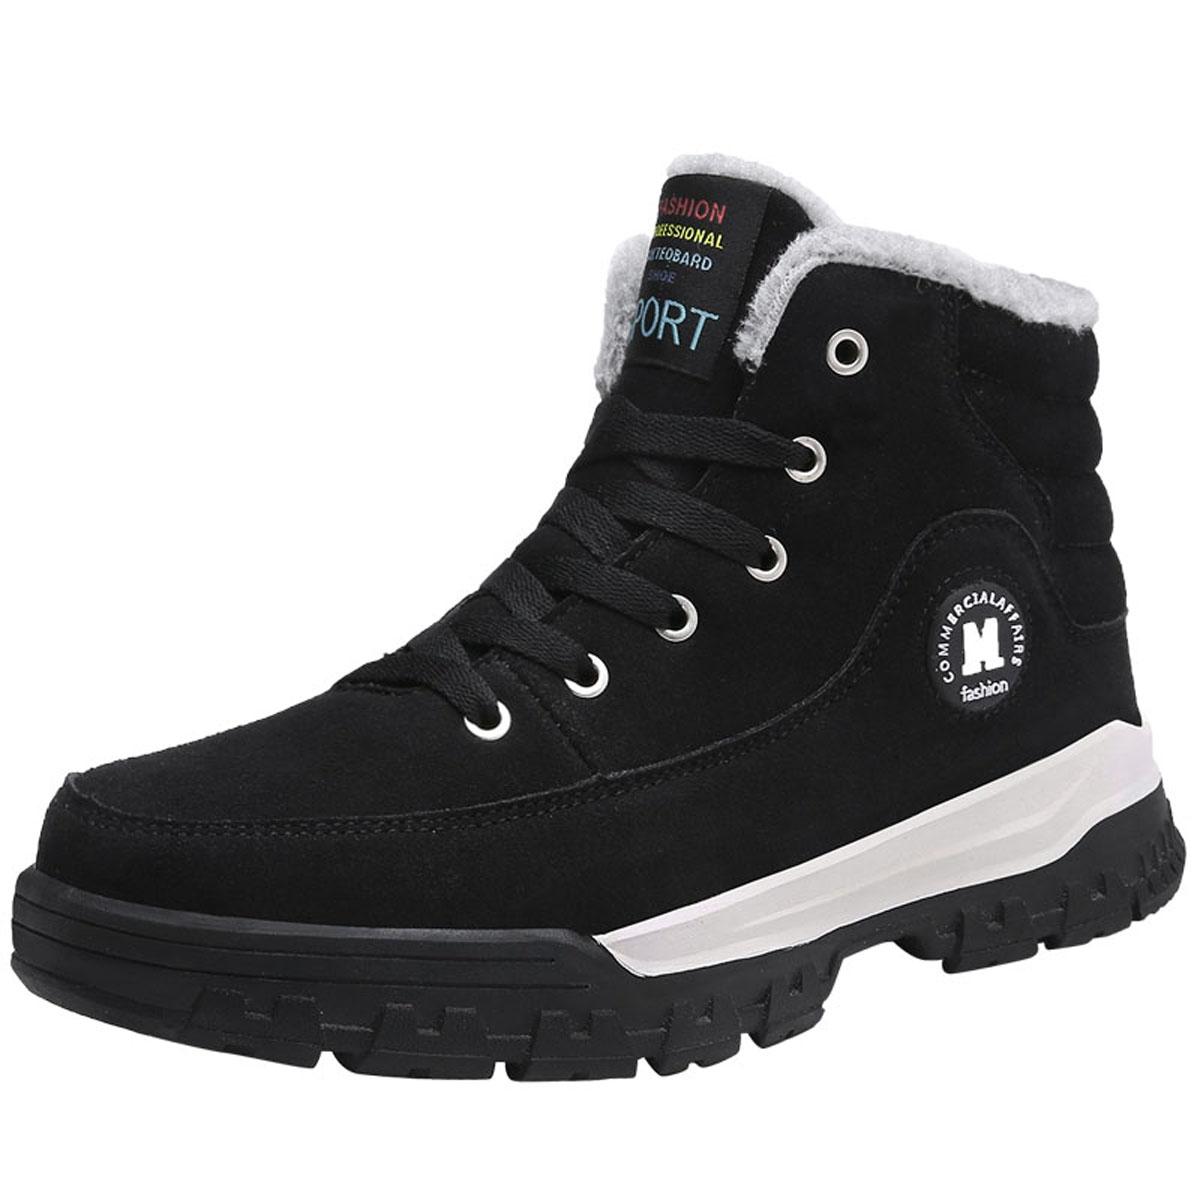 Outdoor Winter Men Cotton Shoes Plus Cashmere Warm Casu